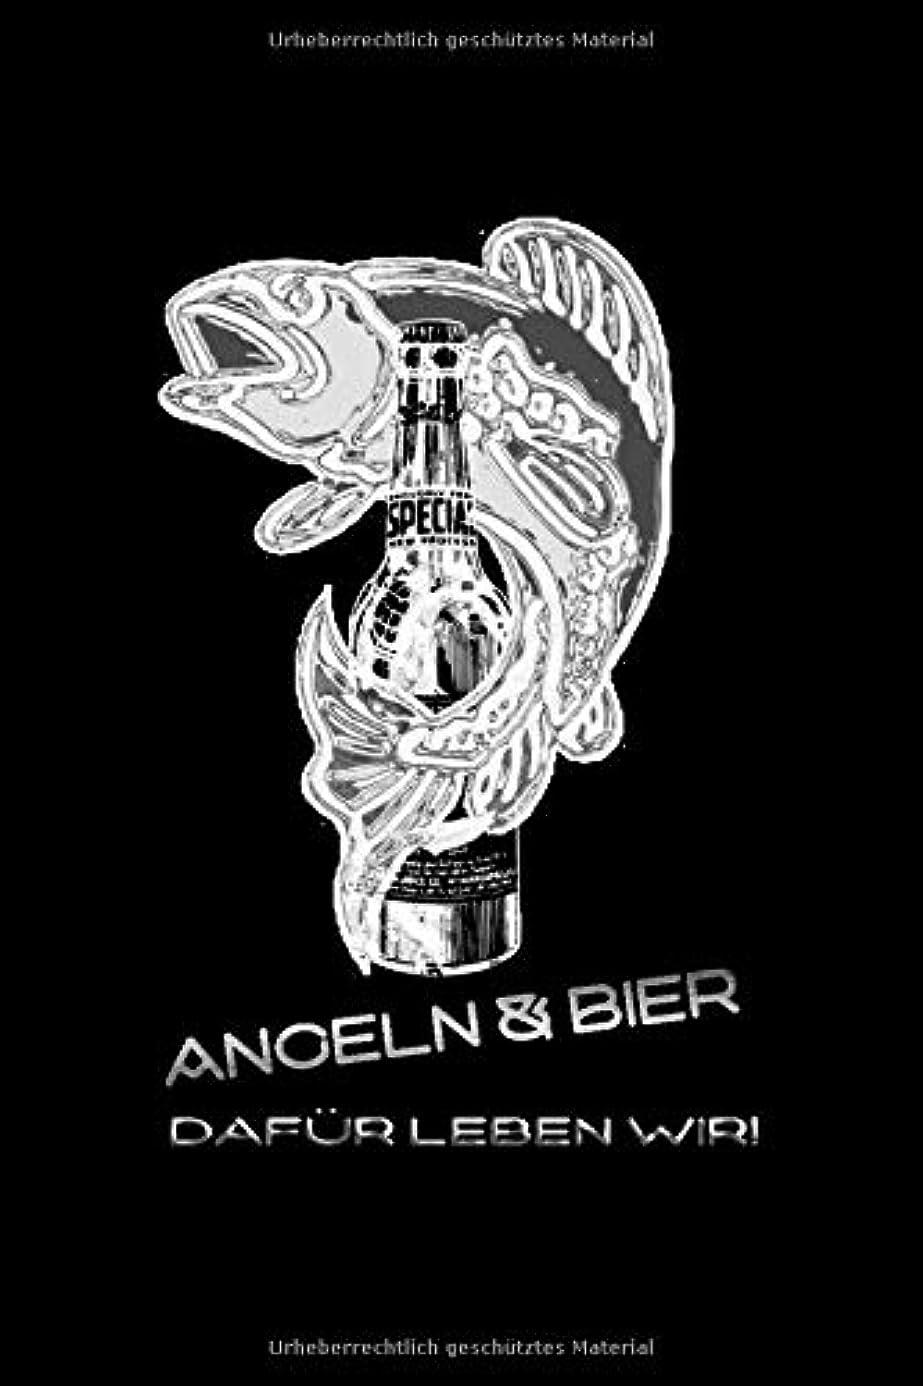 熟す吸収する冬Angeln und Bier dafuer leben wir!: lustiges Fangbuch